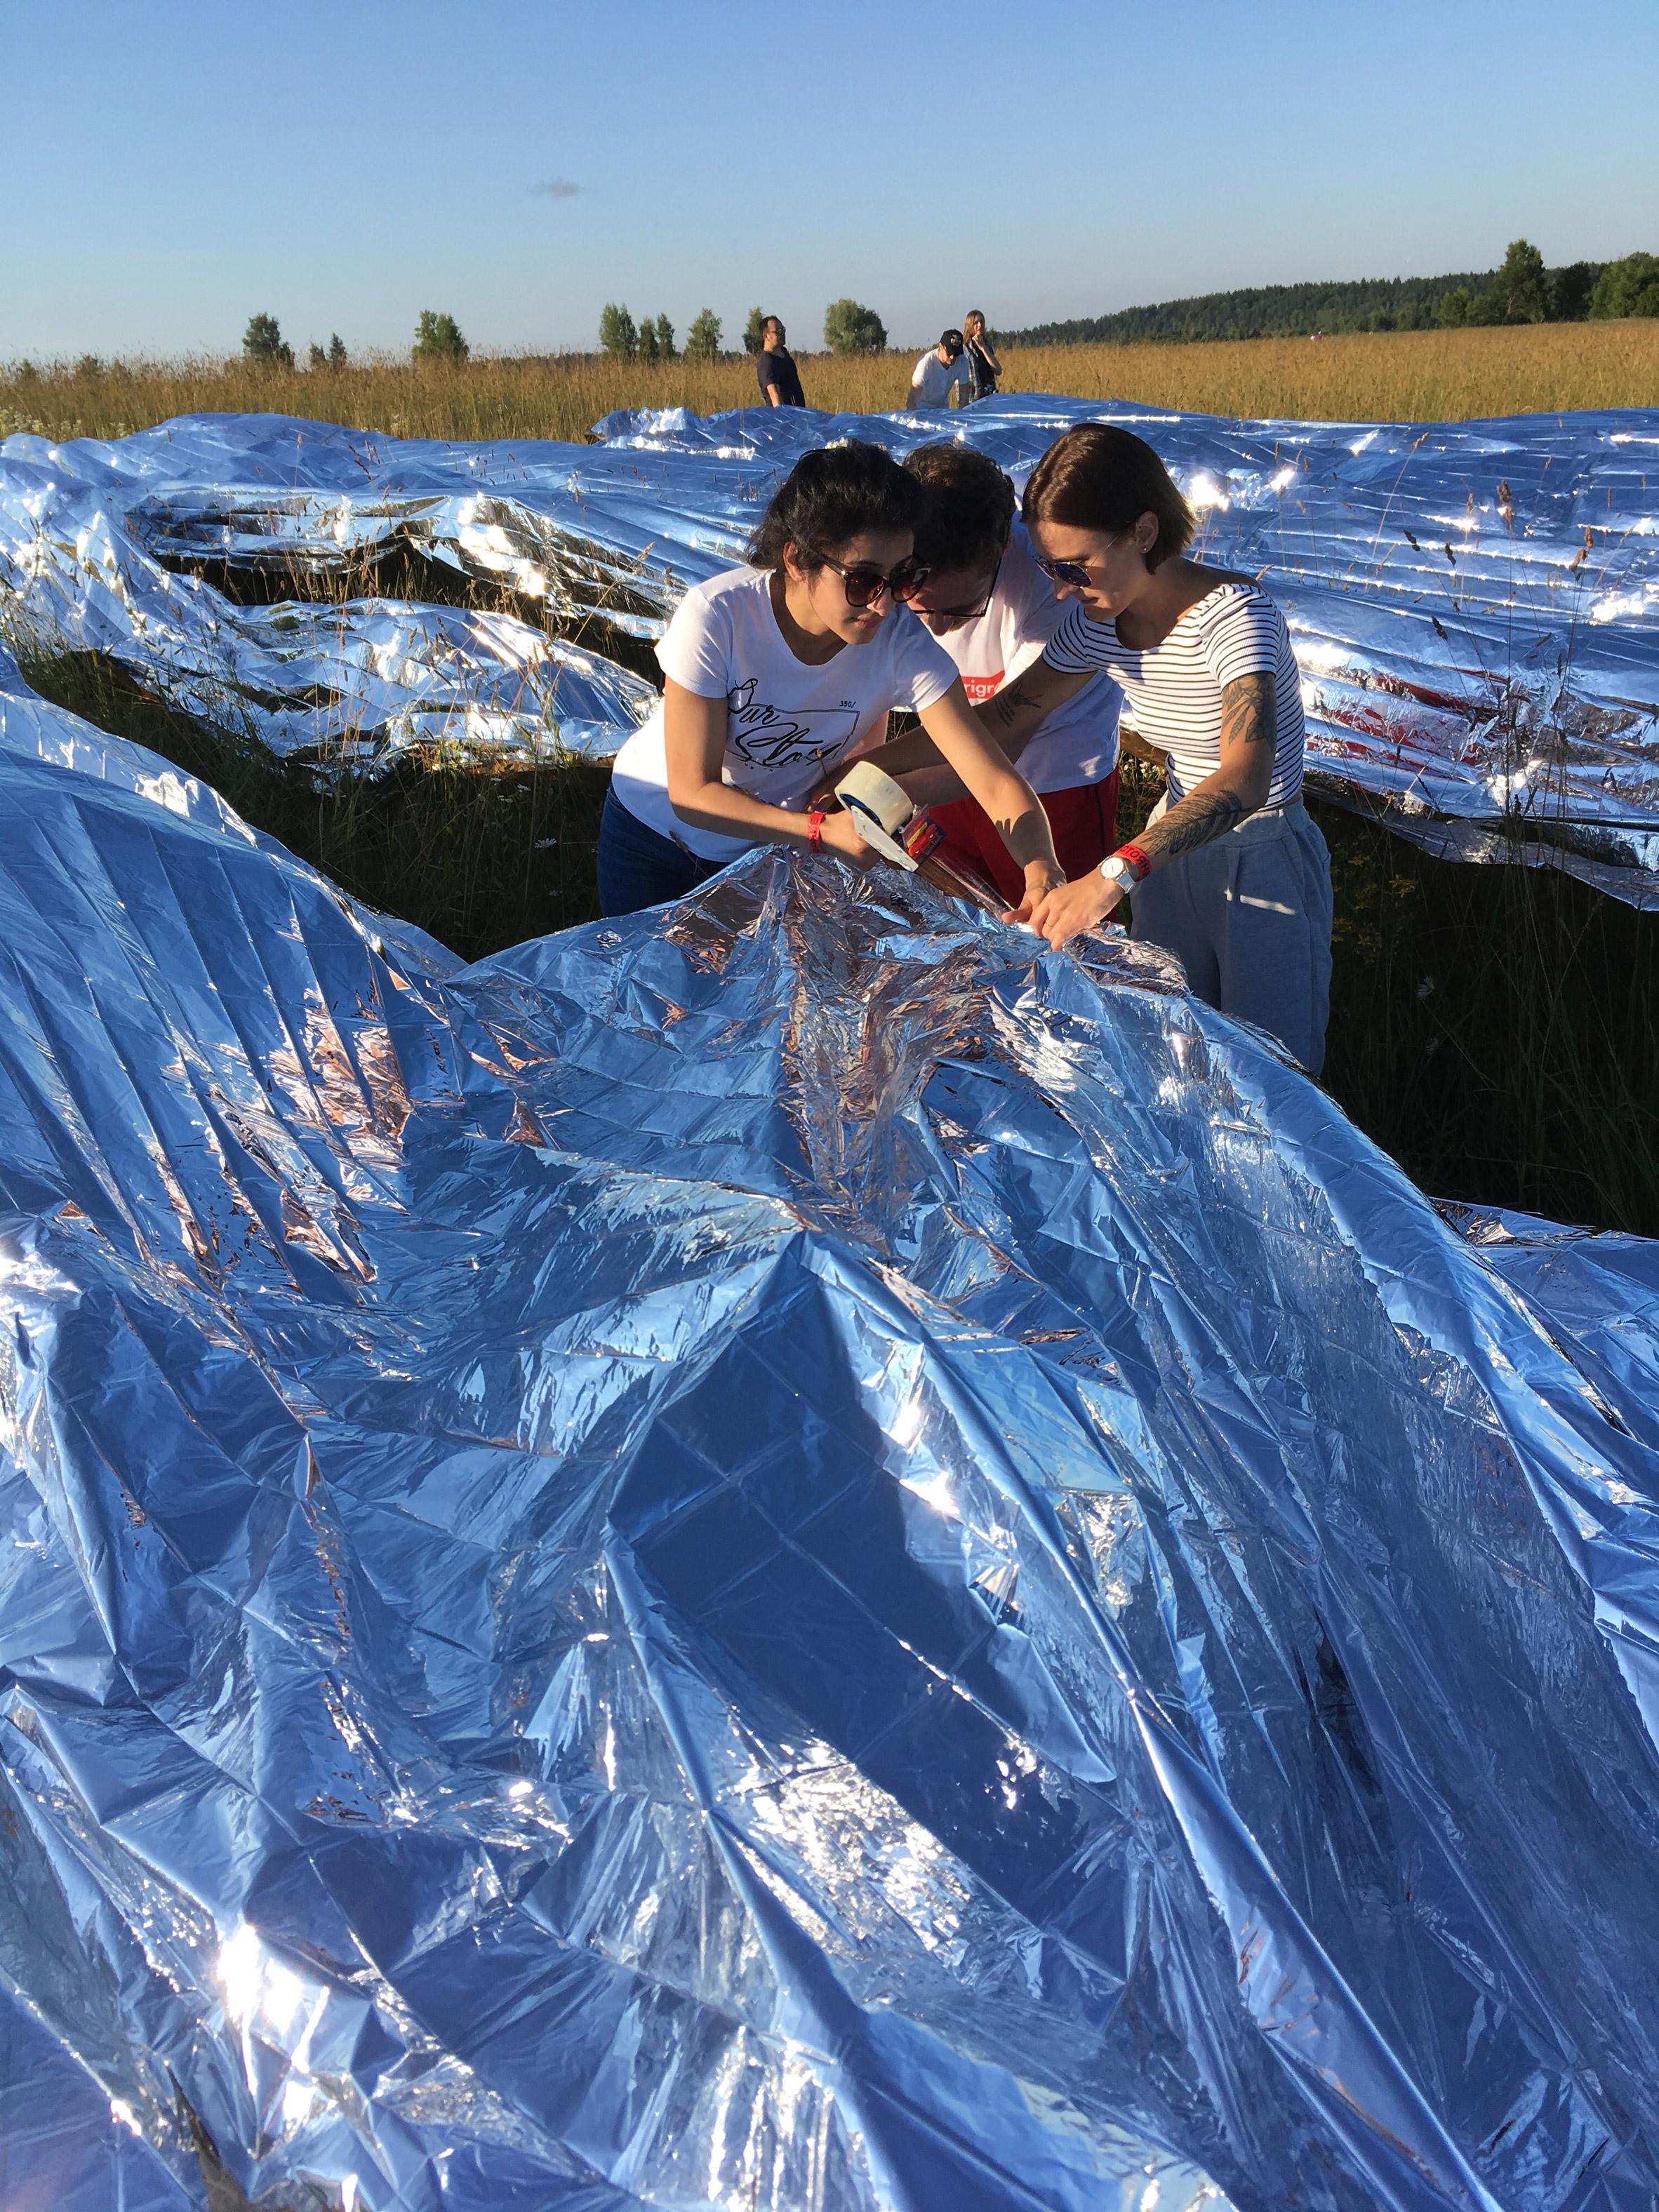 Arquiteto russo cria instalação gigante com cobertores espaciais da Nasa